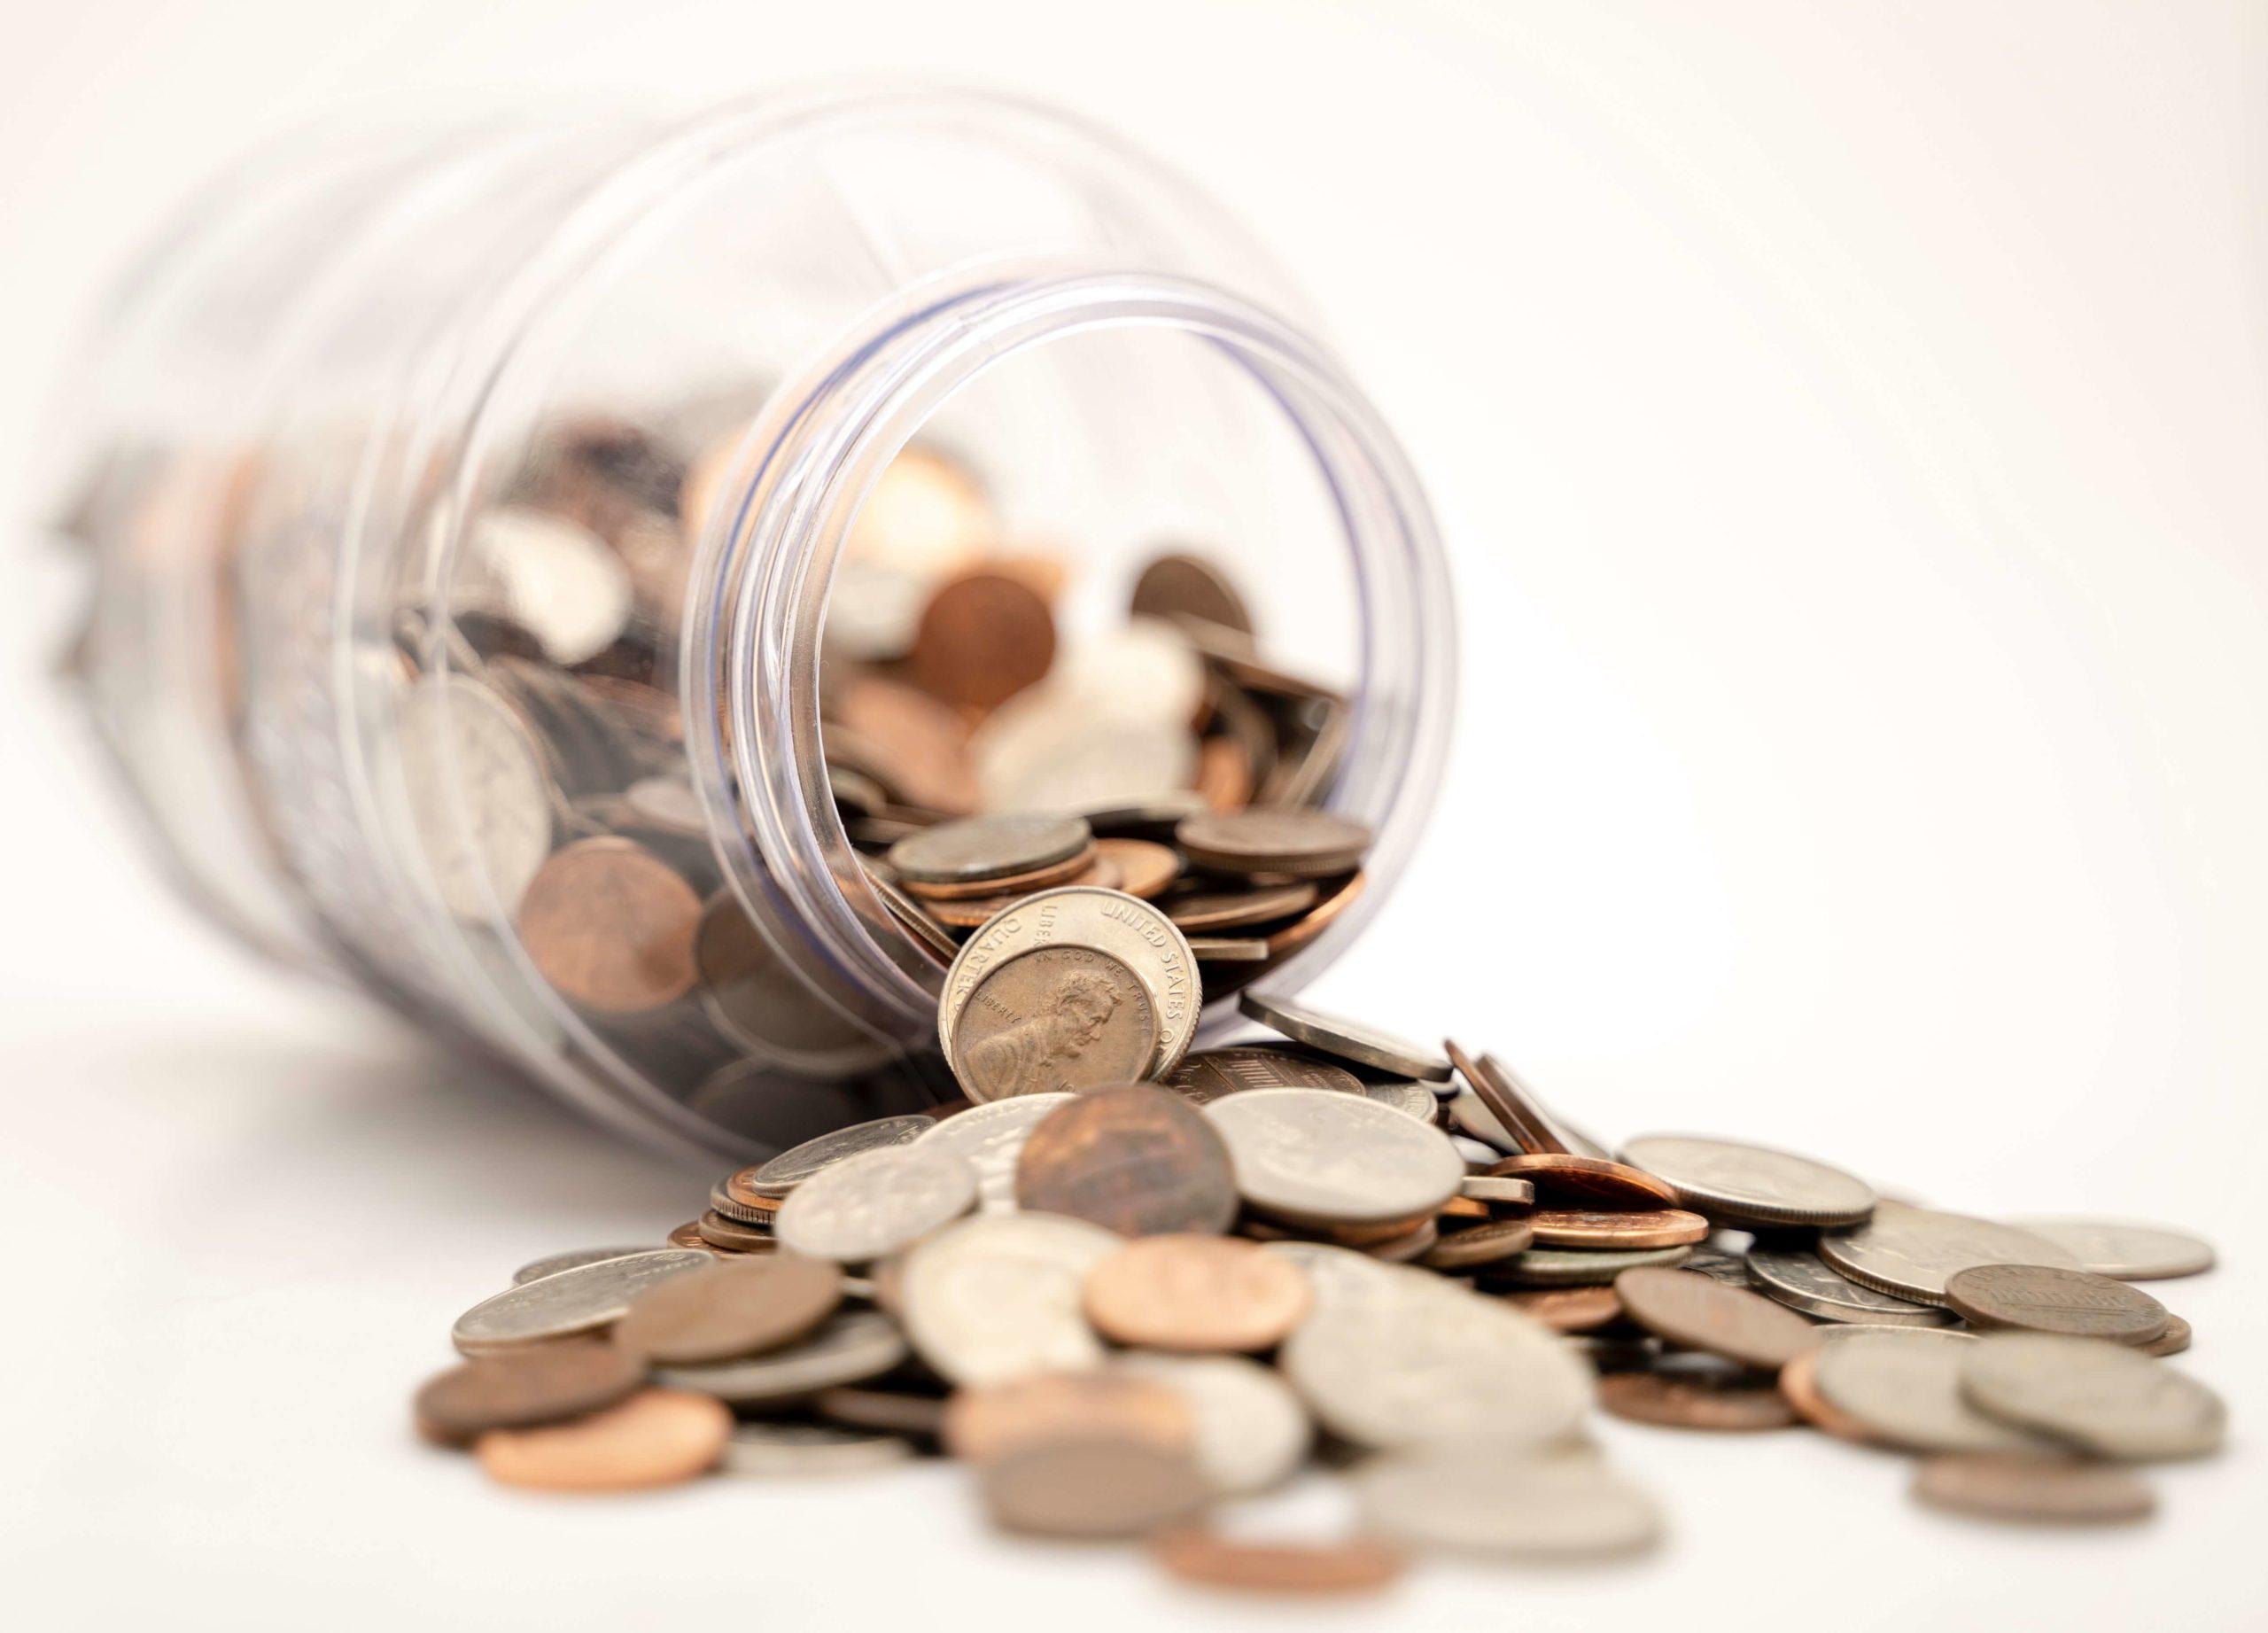 預金の金利とは?どんな種類があるの?